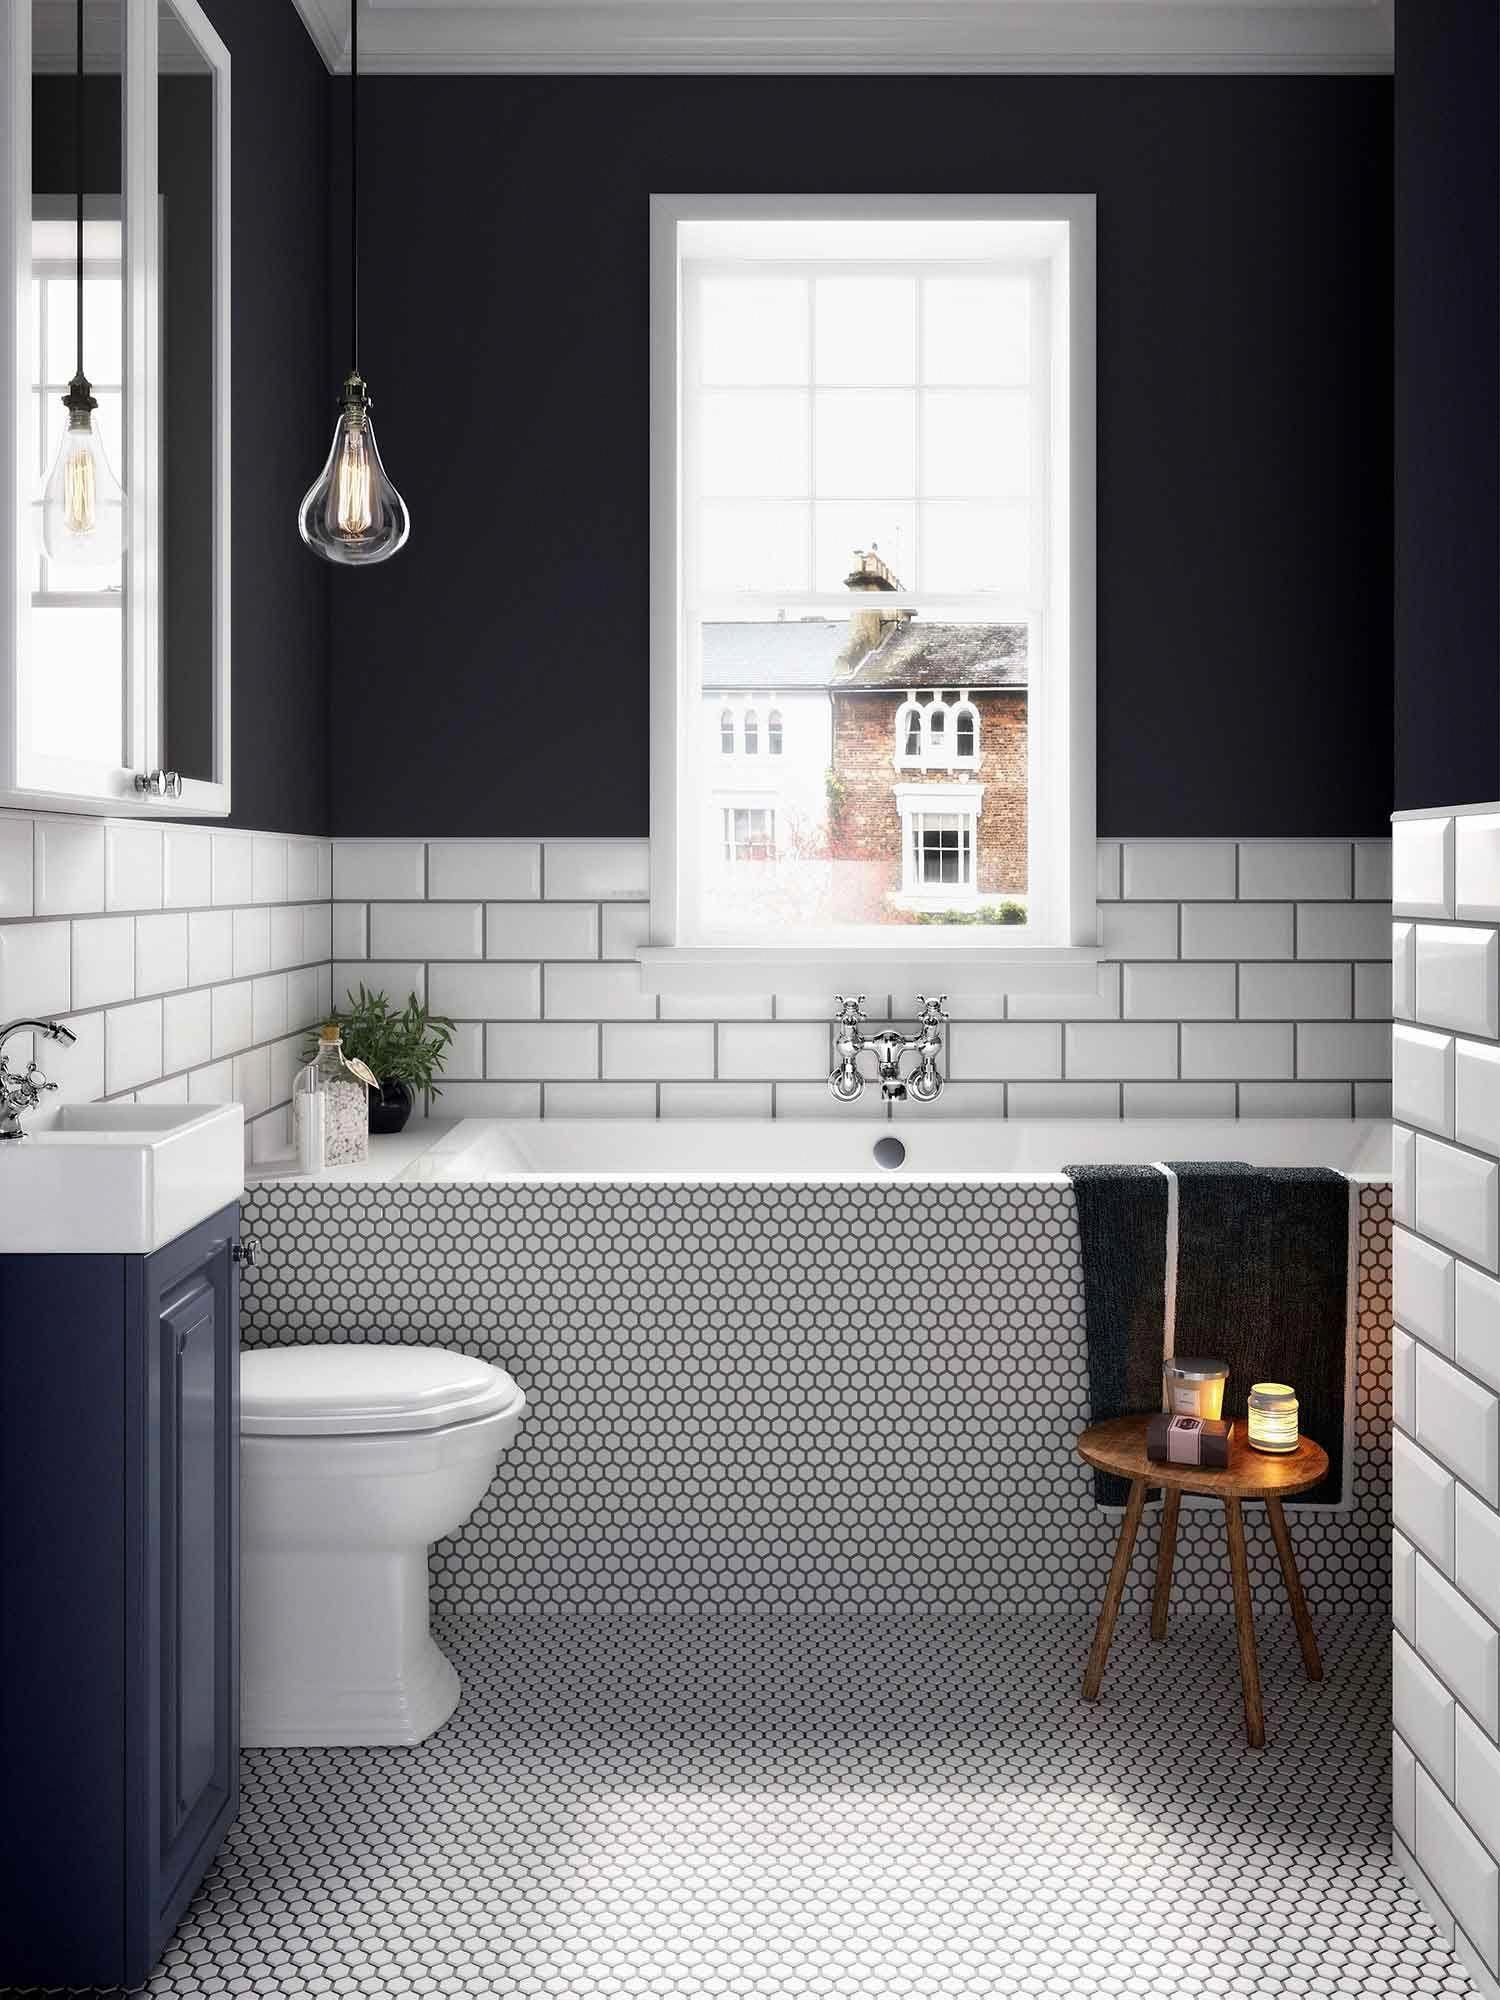 Pin Von Madame Cuisine Auf Bathroom Inspiration Kleines Bad Renovierungen Badezimmerideen Badezimmer Renovierungen